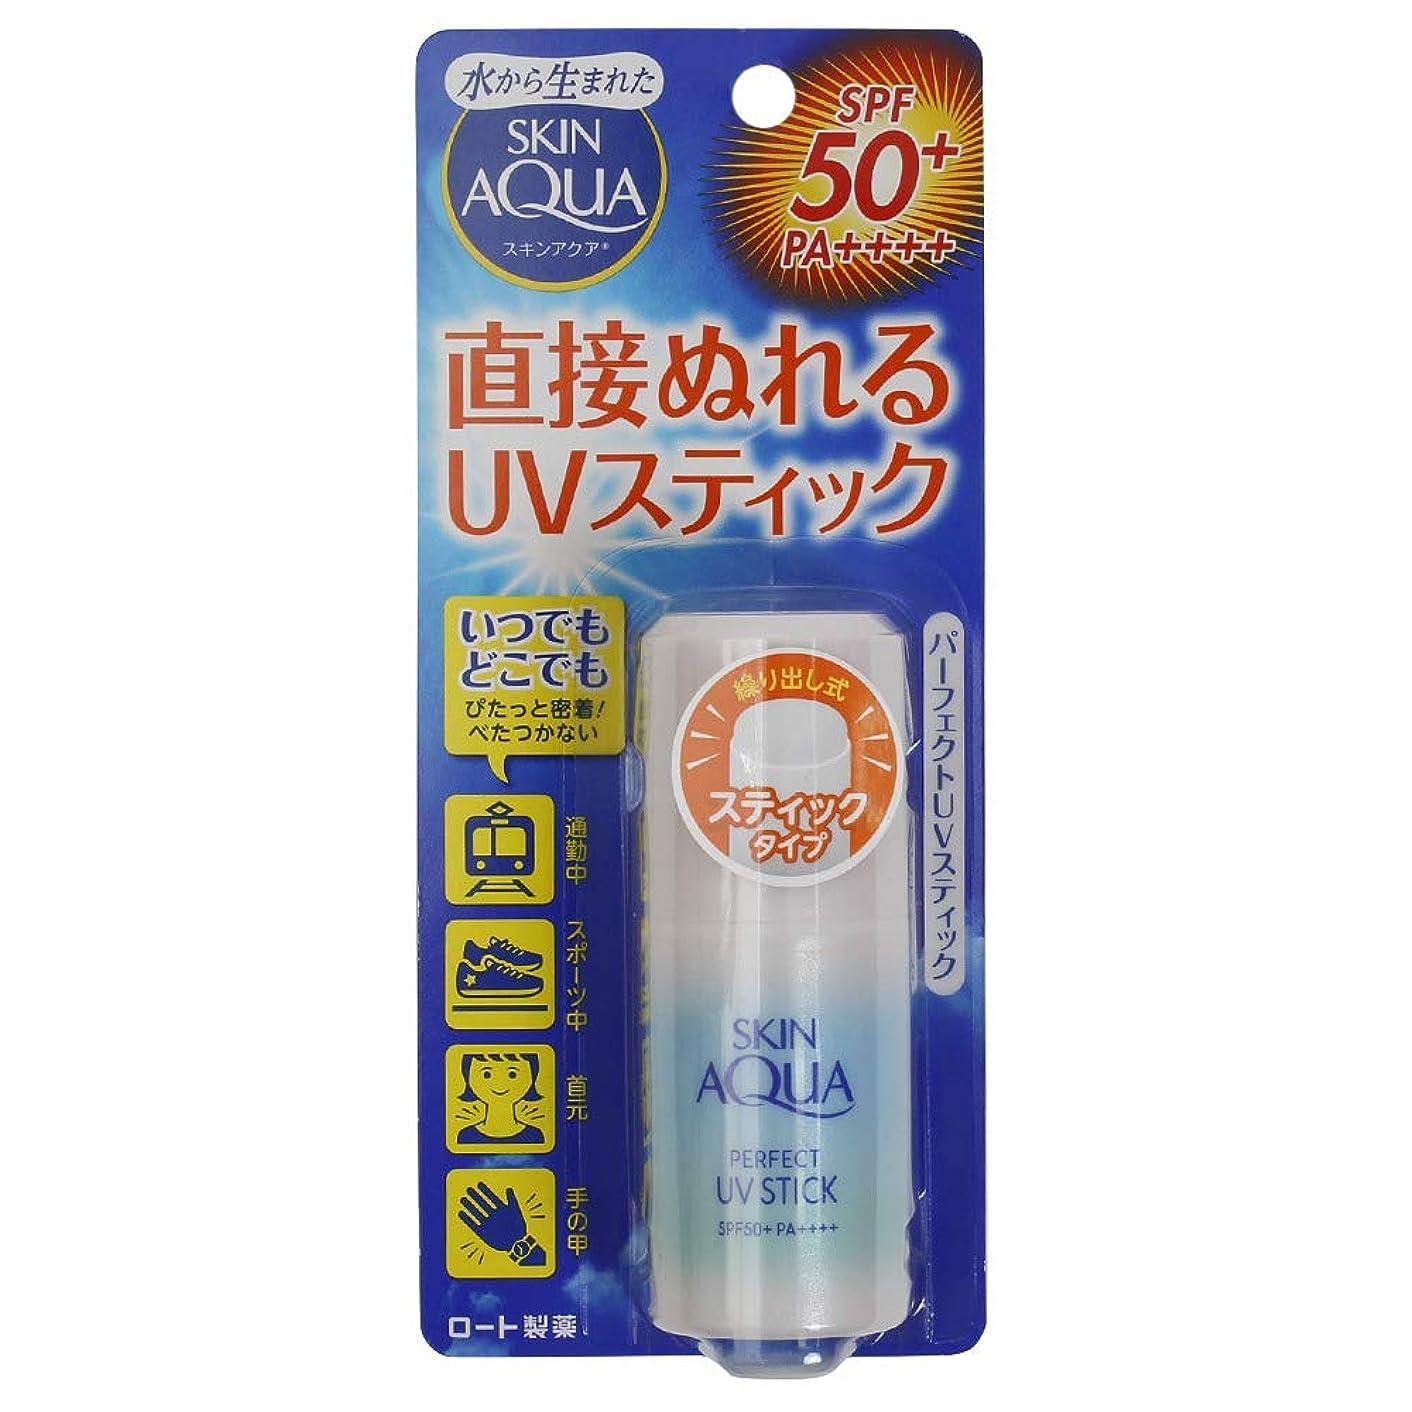 受ける拳研磨(ロート製薬)スキンアクア パーフェクトUVスティック 10g(お買い得3個セット)